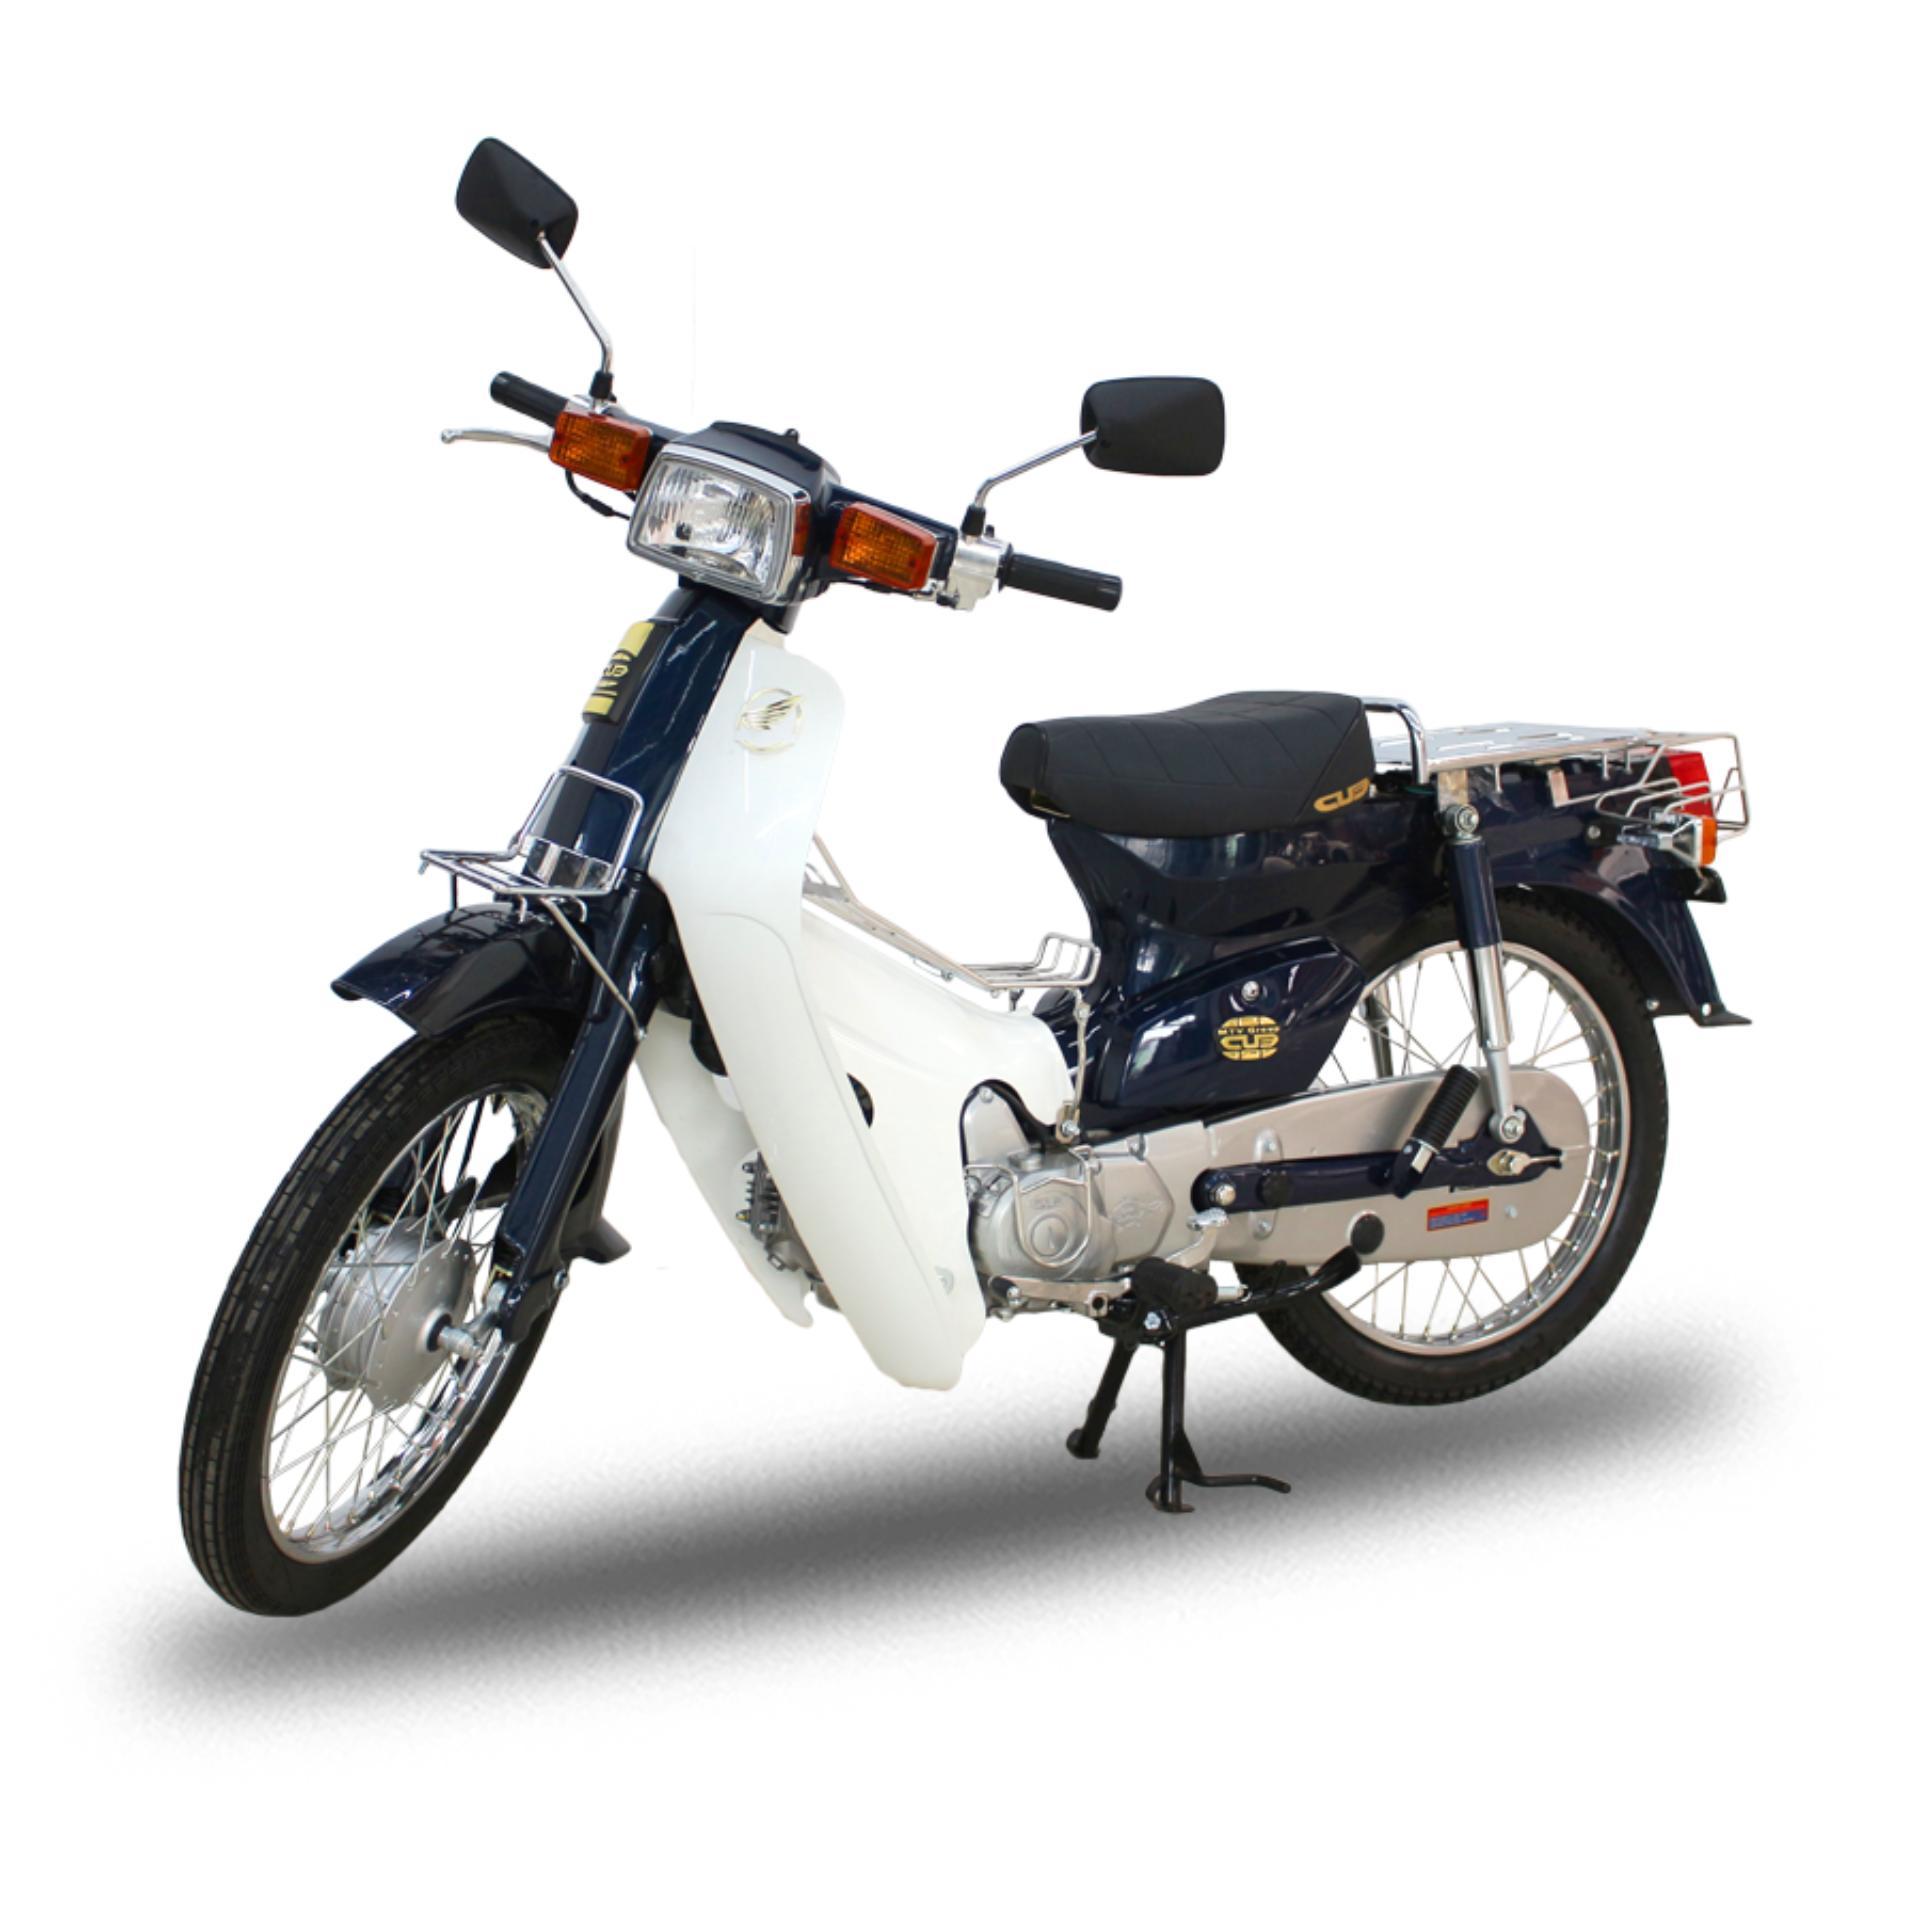 Xe cub 82 TAYA (xanh cửu long) NHẬT BẢN